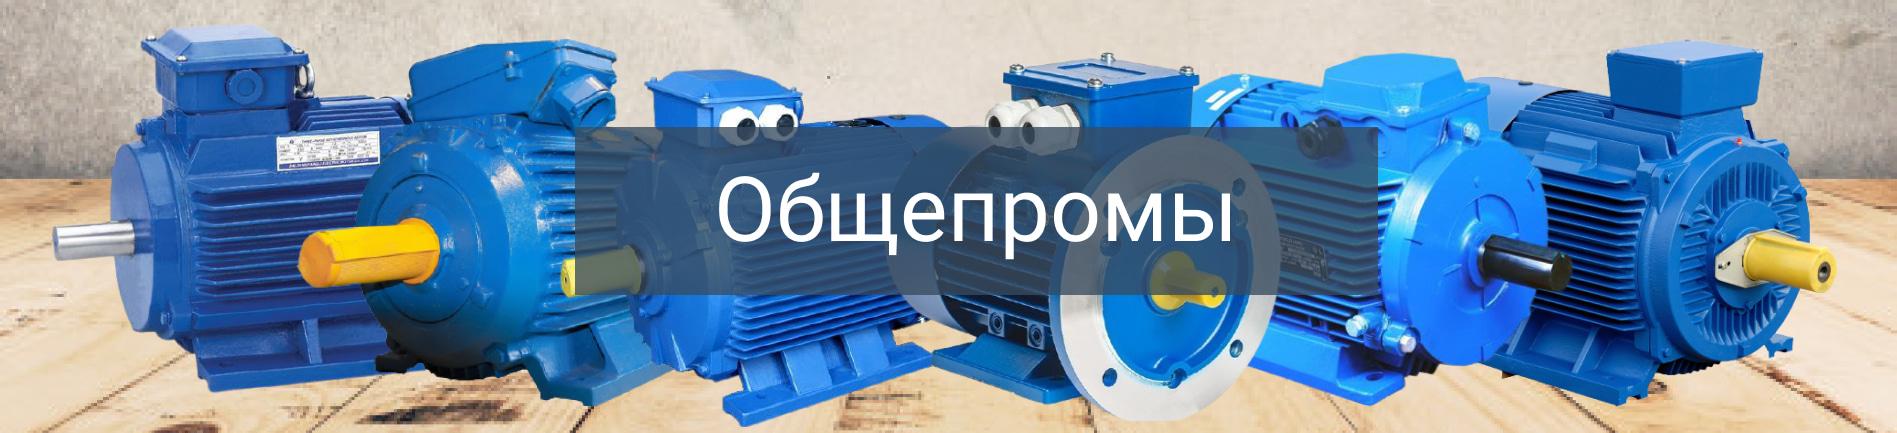 Общепромышленные электродвигатели 11 квт